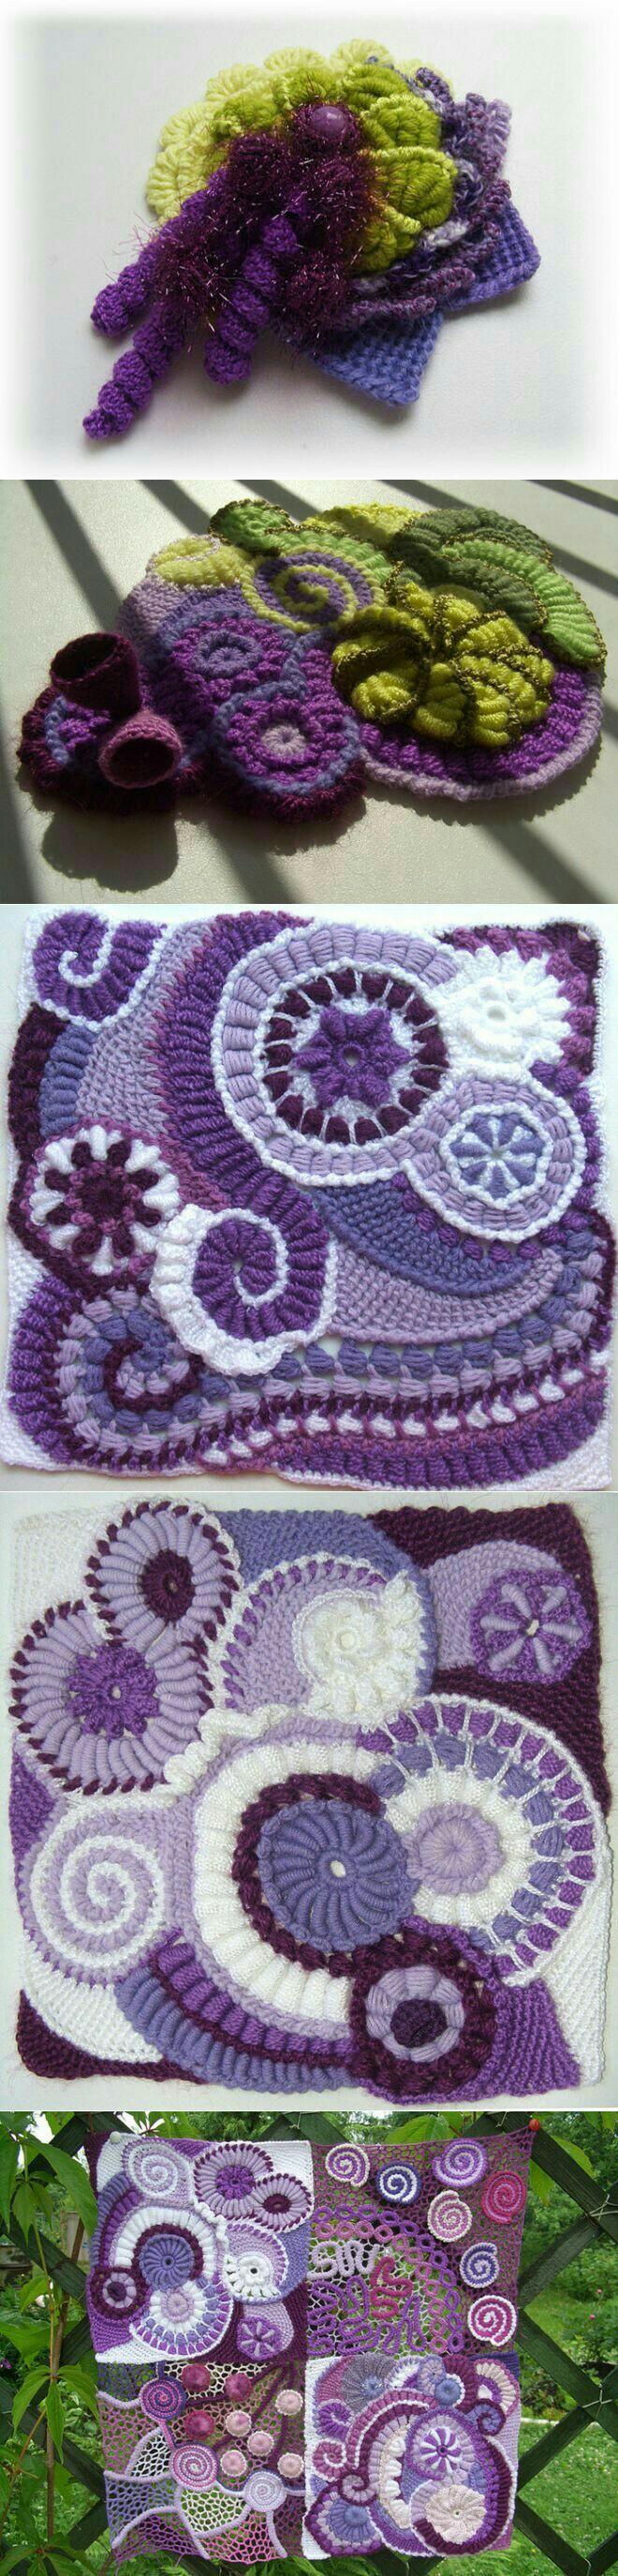 Pin de Lucy Tustian en Crochet stuff! | Pinterest | Tejido, Irlanda ...